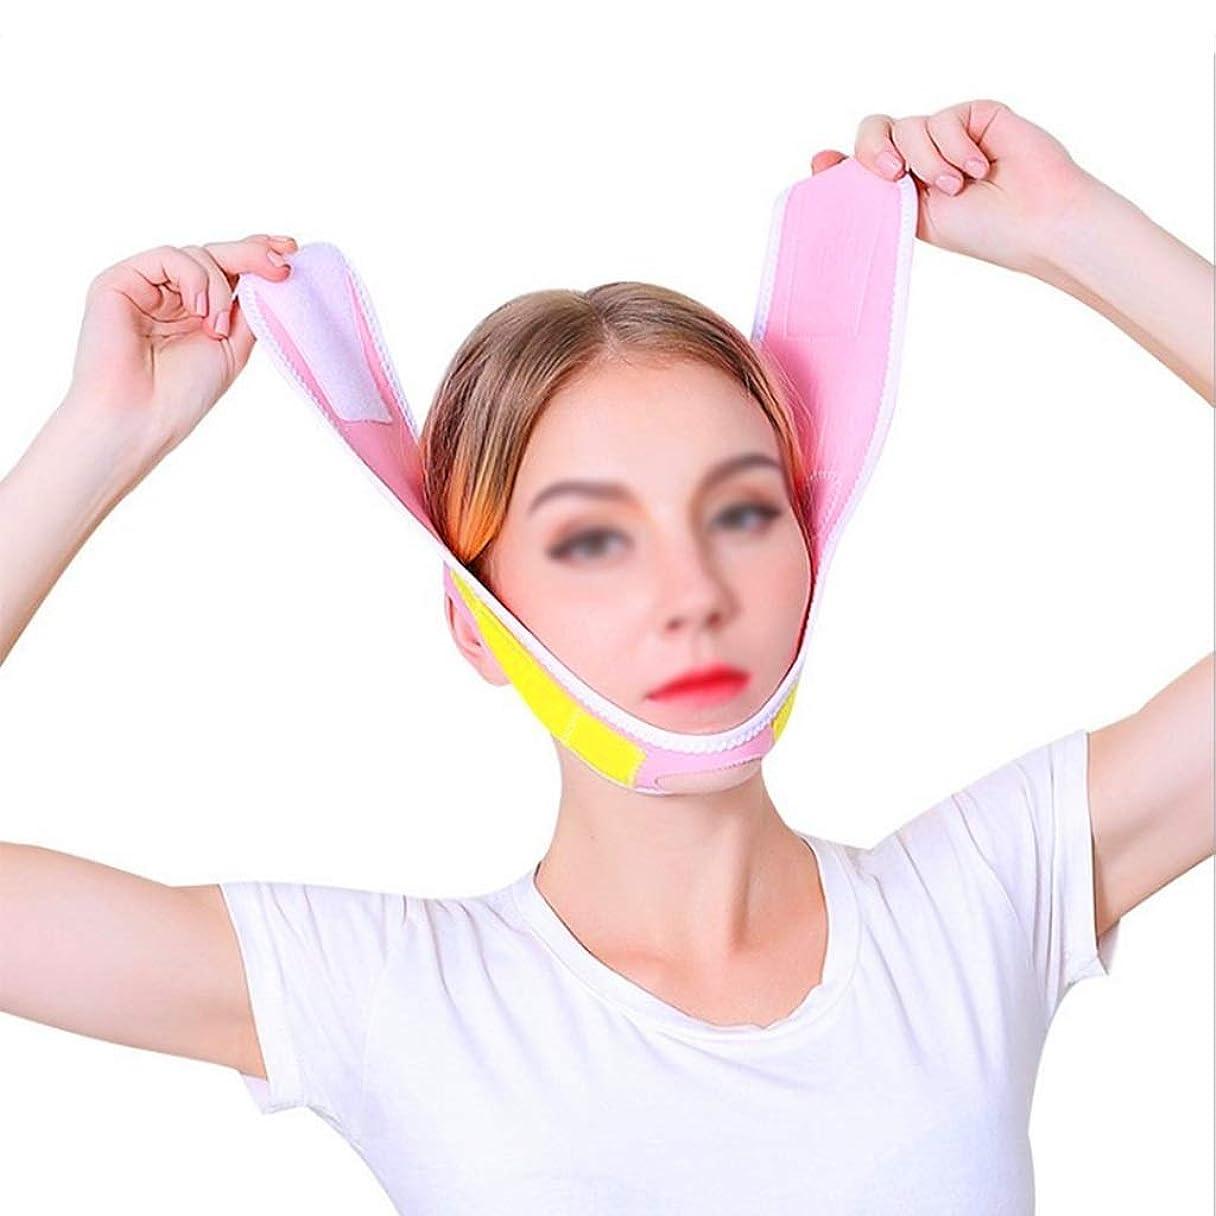 シェルター食用非難するシェイプドフェイスマスク、フェイシャルリフティング&シェイプしてハリを高め、フェイシャル減量アンチシワトリートメント、フェイスリフティング、ファーミングスキン(ピンク、ワンサイズ)